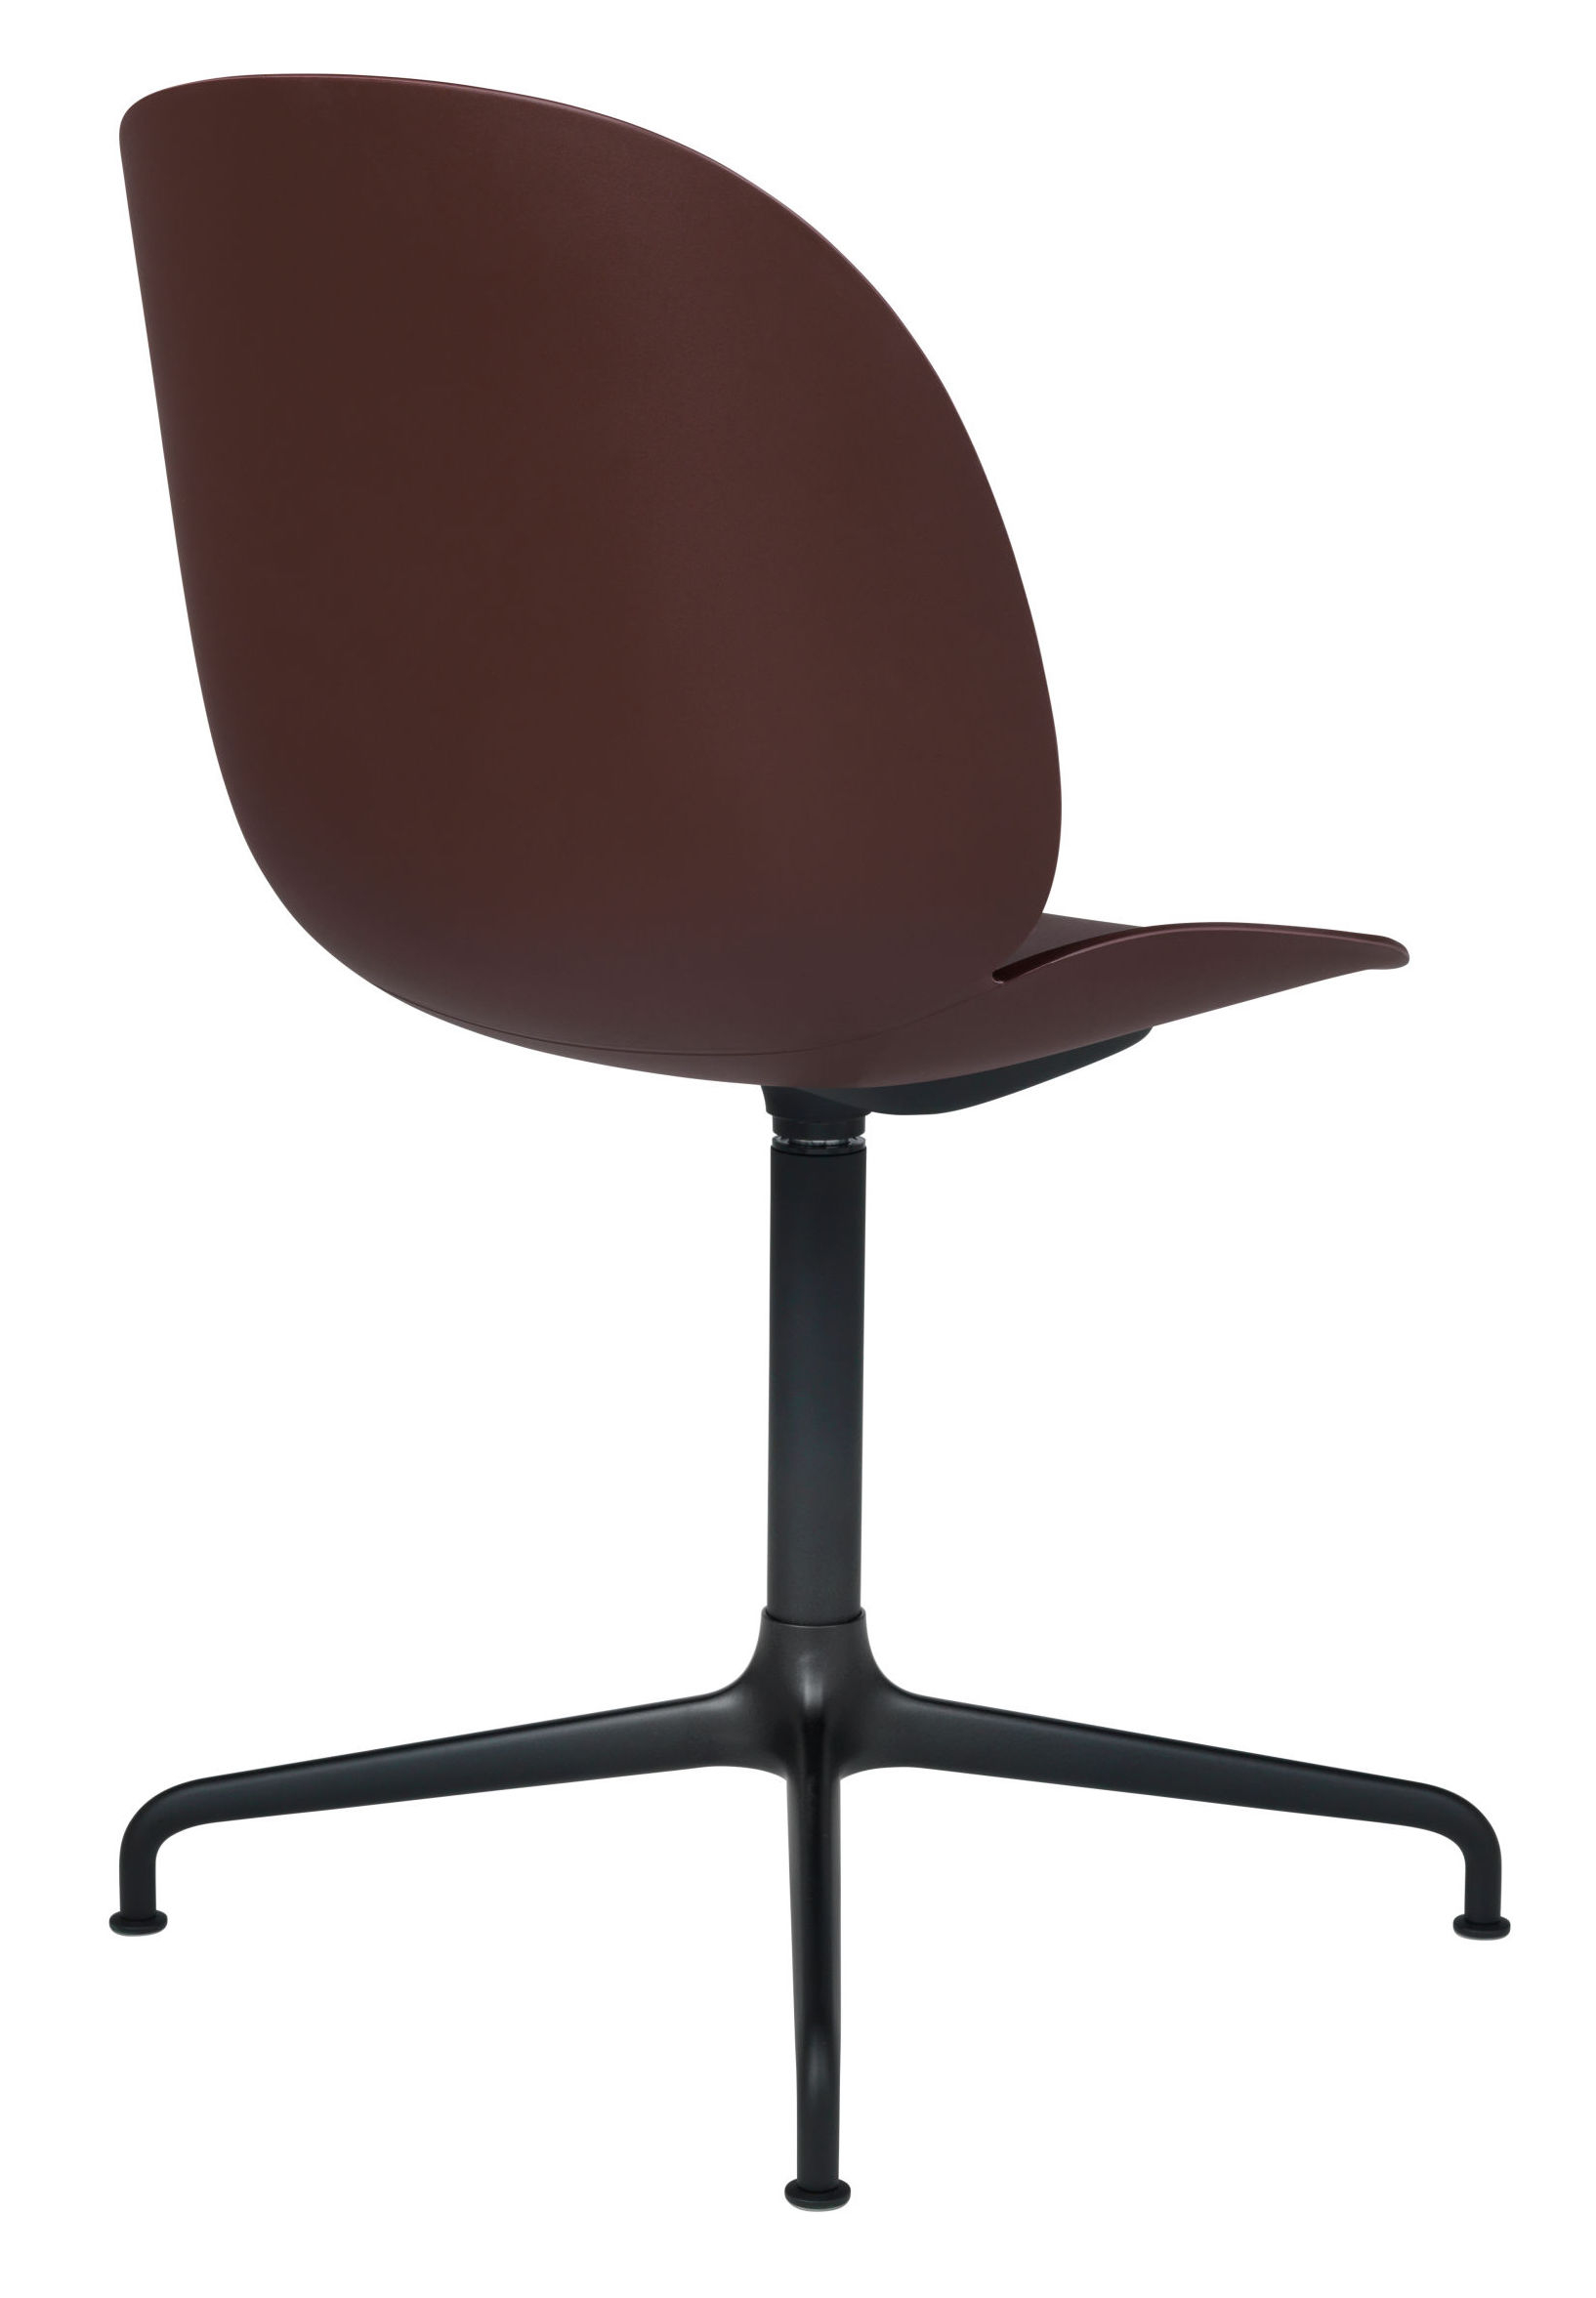 GUBI - Beetle Spisebordsstol Swivel - Pink/Sort - Pink spisebordsstol med drejeben